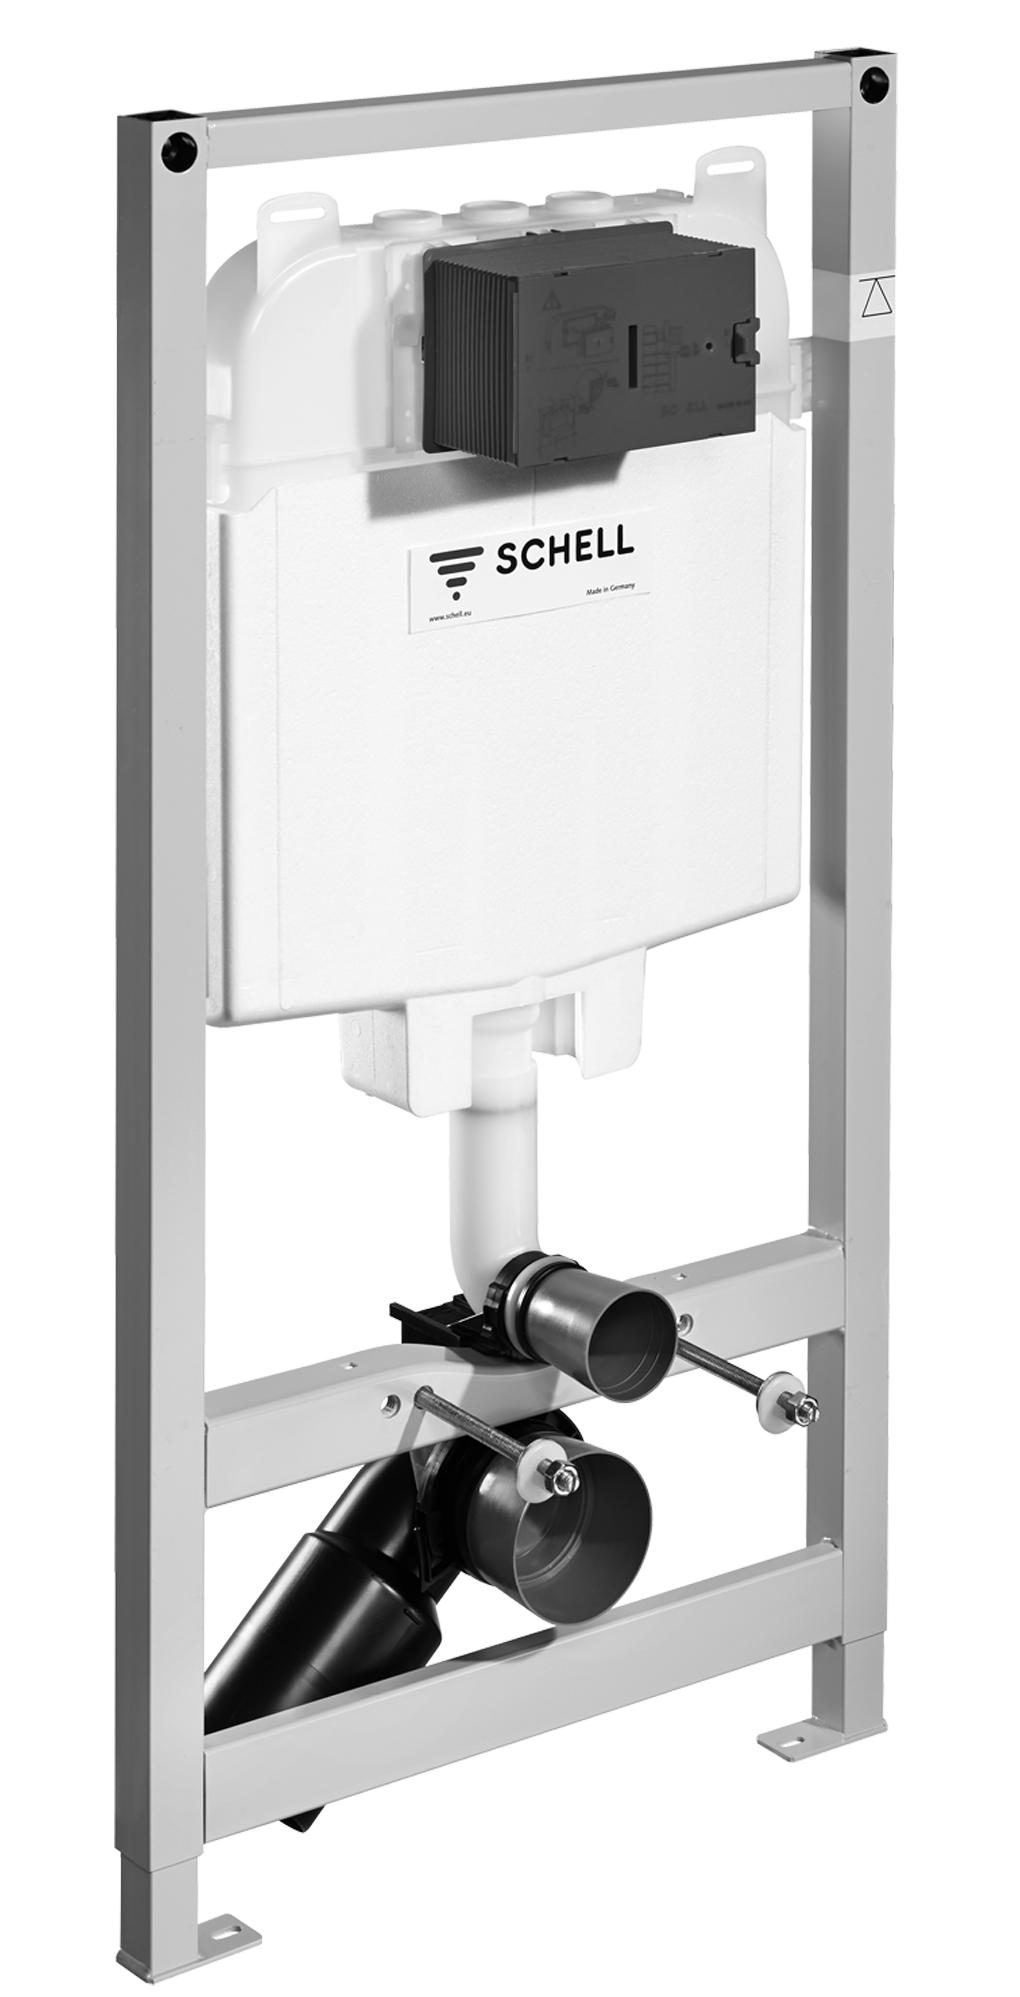 Структура за вграждане Montus C80 с бутон Linear Round хром, Schell